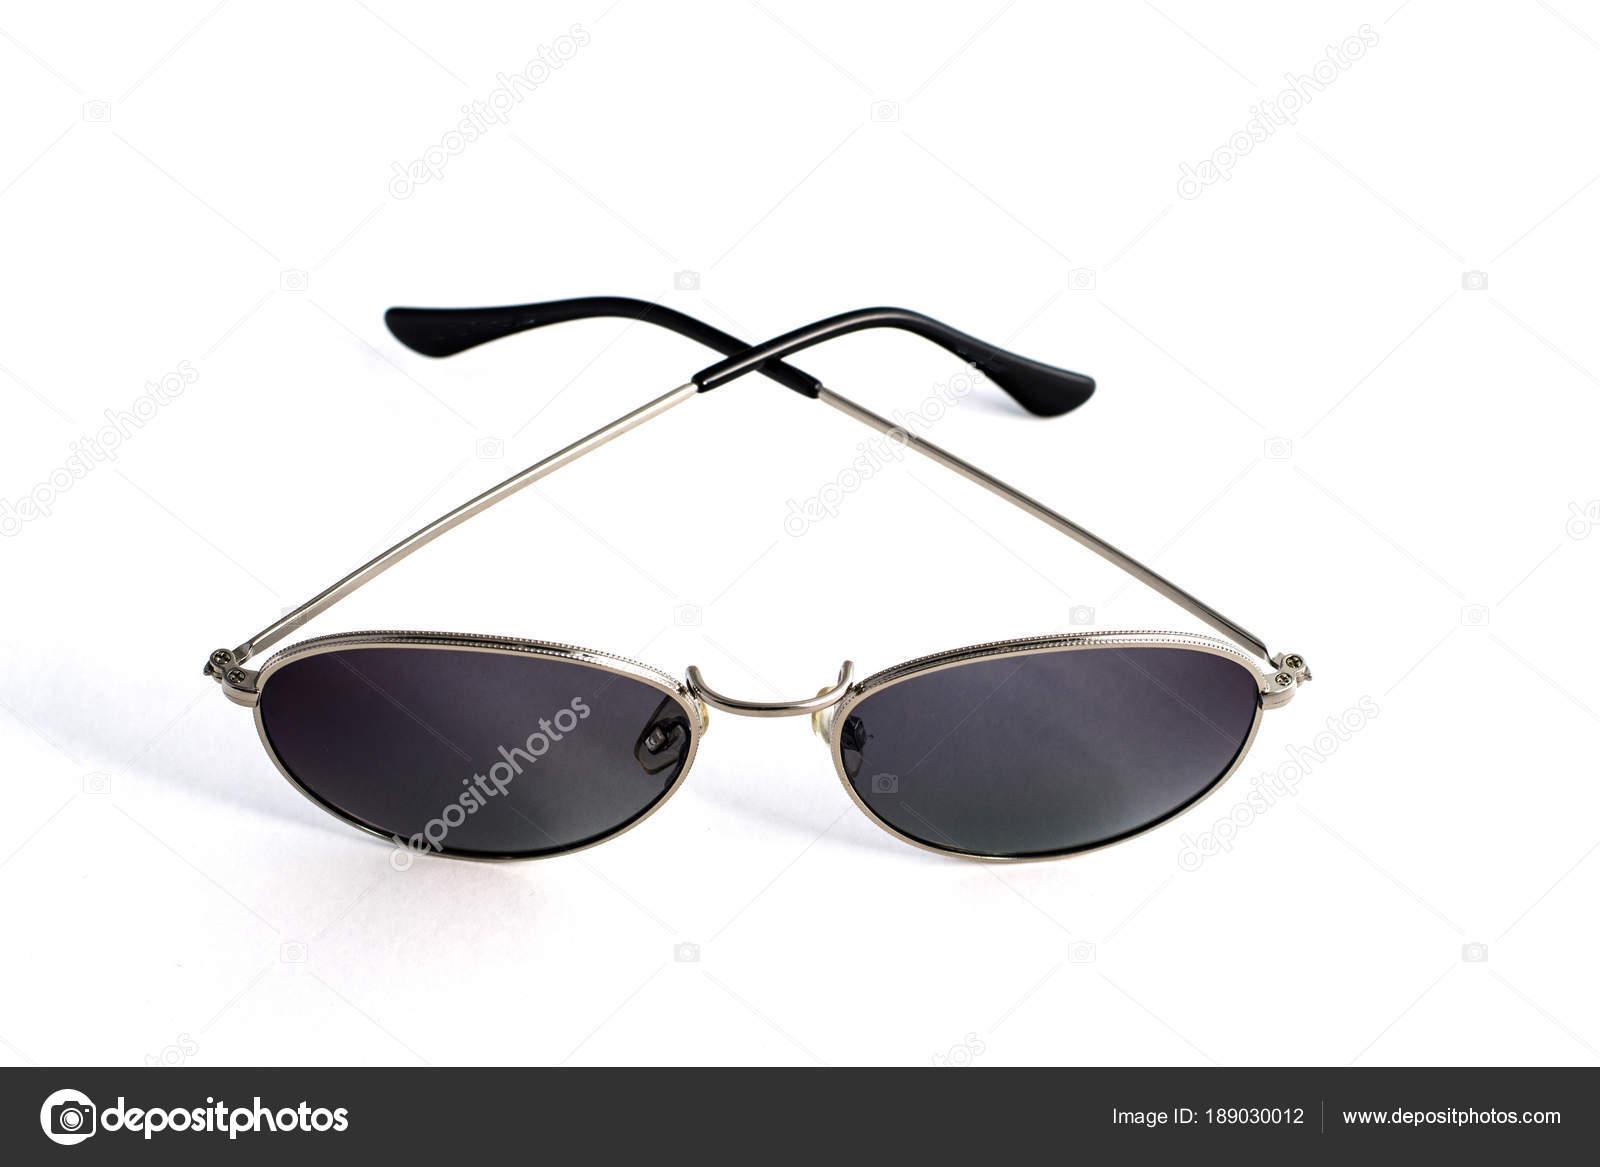 994e923b564a61 Trendige Sonnenbrille in Form von Tropfen isolierten auf weißen Hintergrund  — Stockfoto